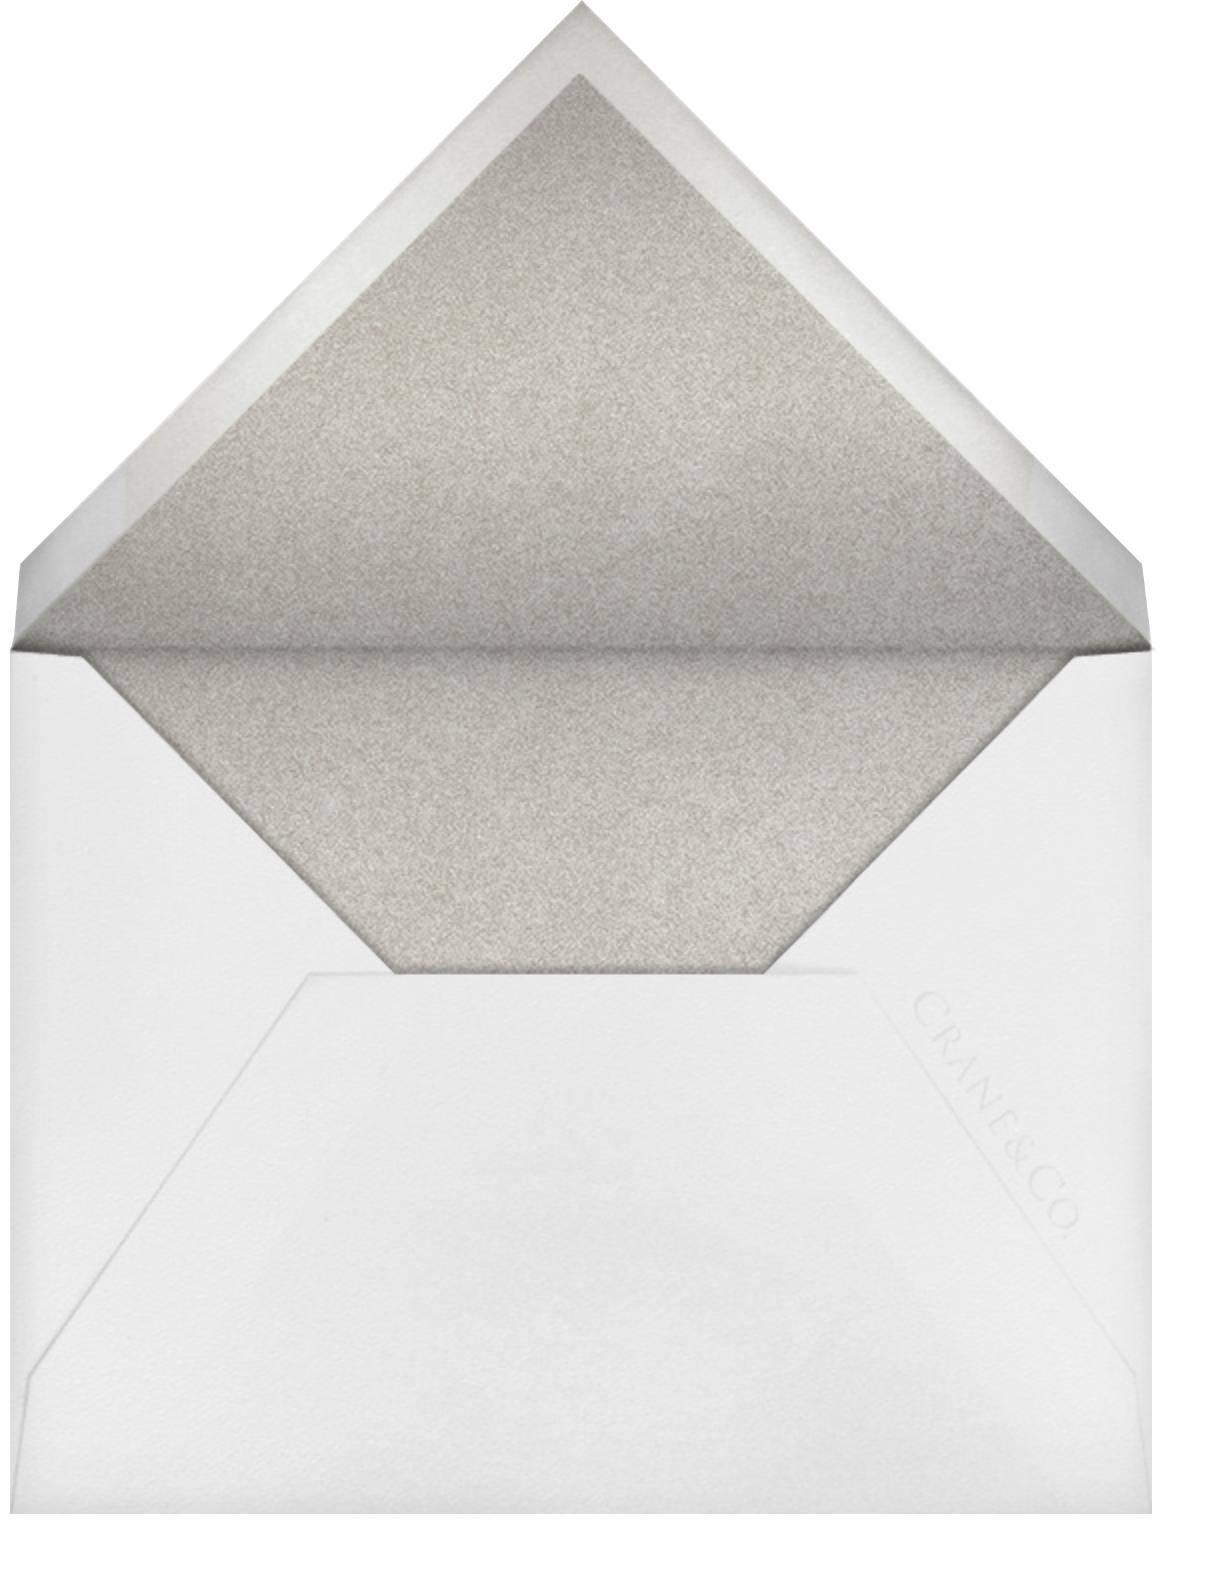 Descartes - Platinum - Paperless Post - Holiday cards - envelope back